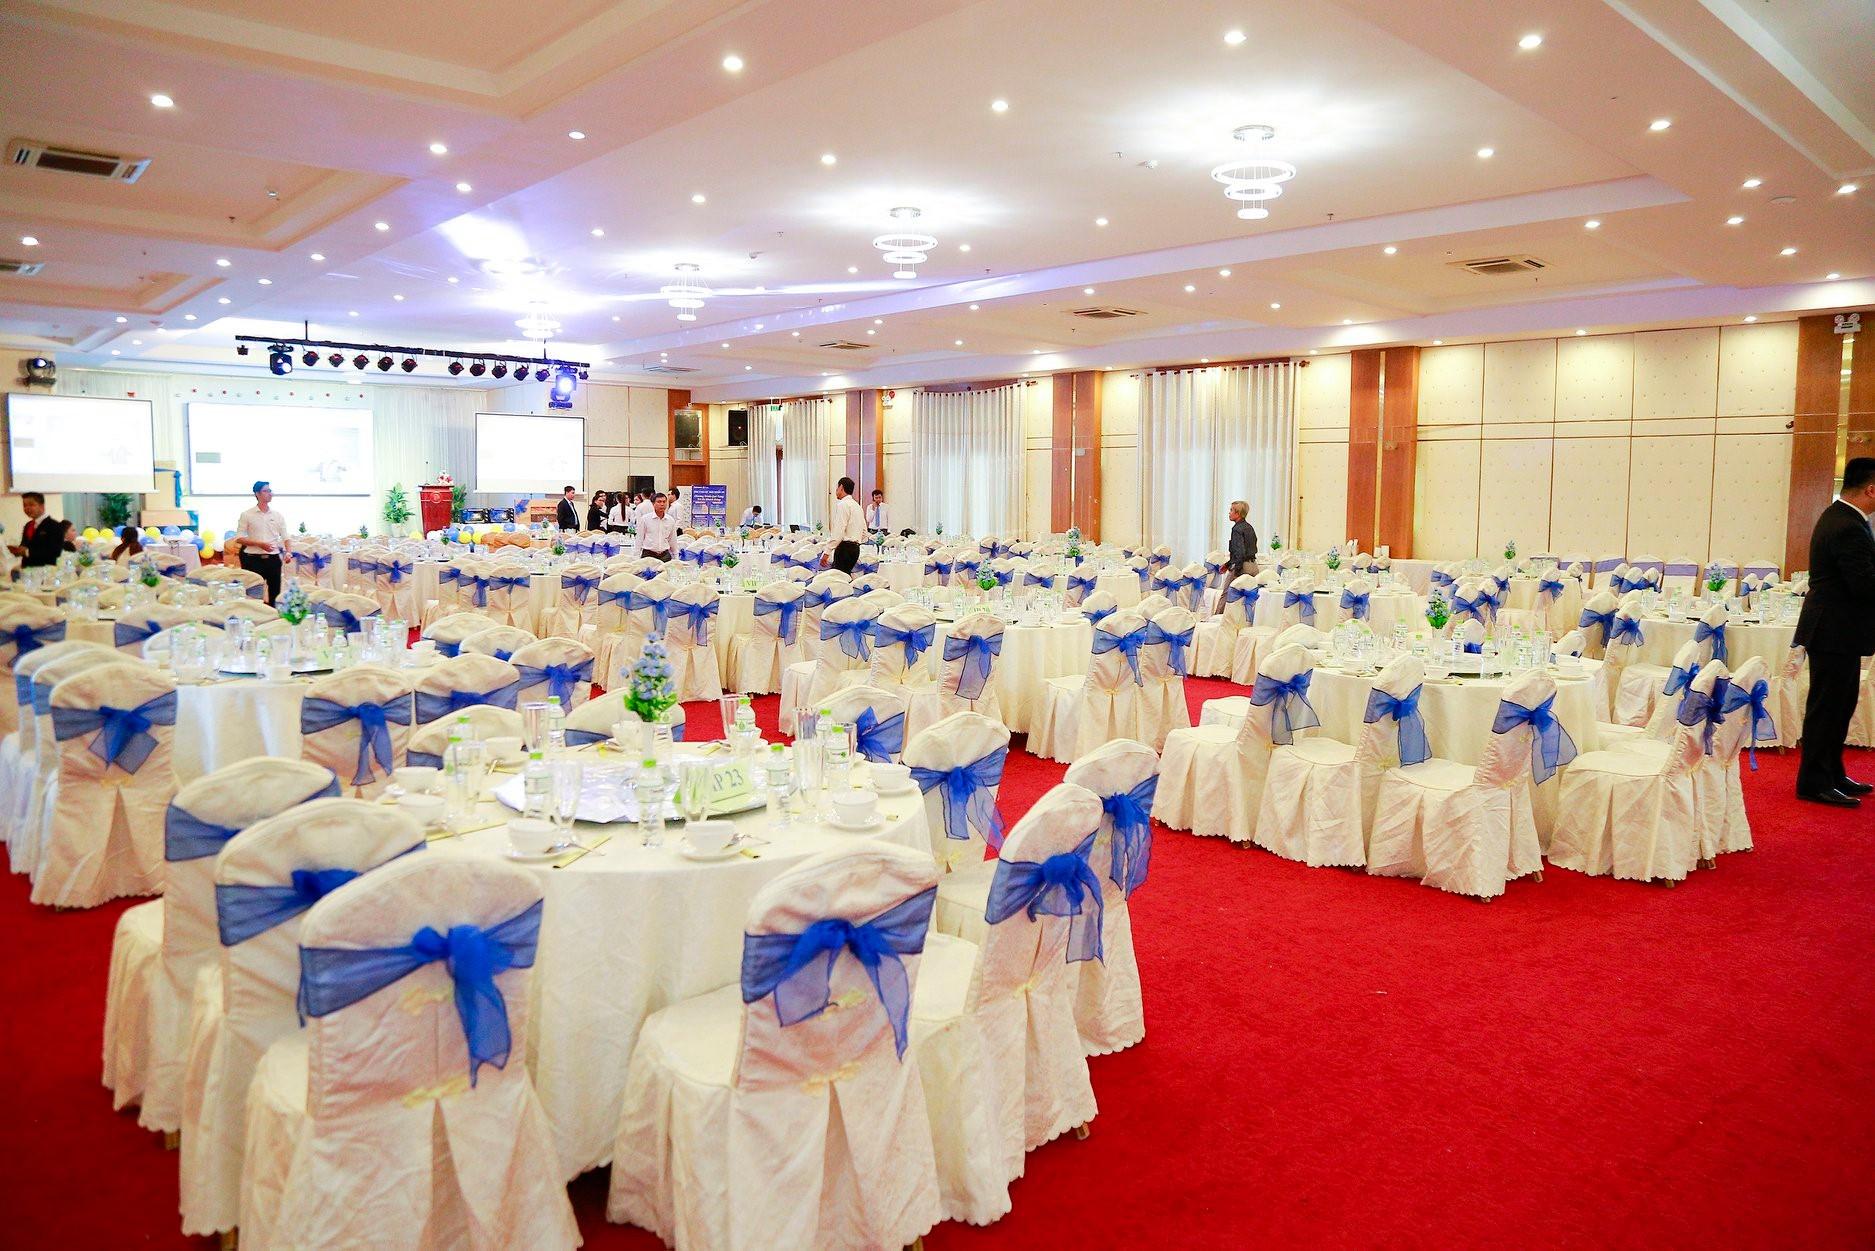 Trung Tâm Hội Nghị Tiệc Cưới Đông Hà Fortuneland bao nhiêu tiền